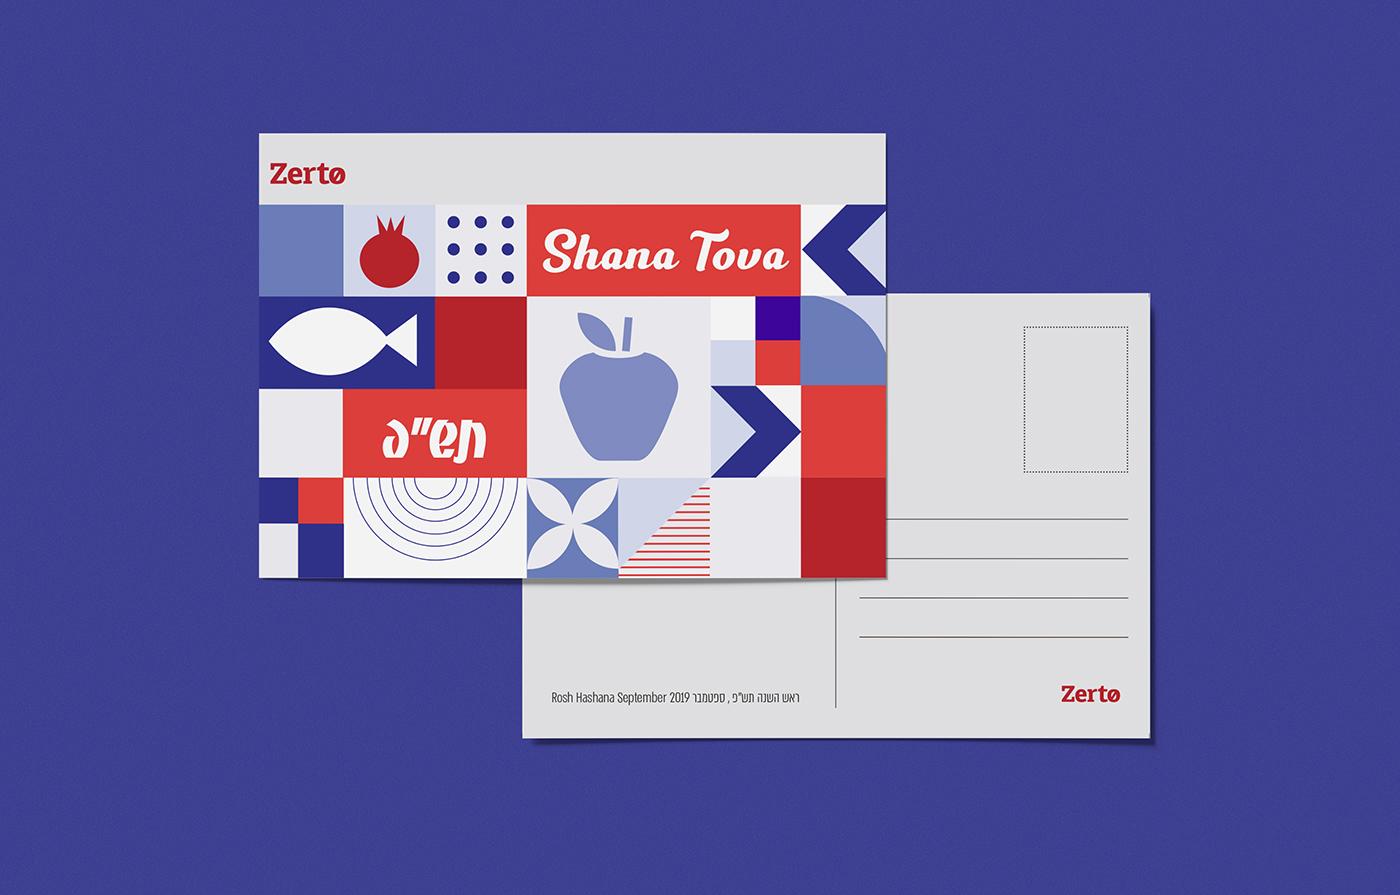 דפוס, גלויה, אגרת שנה טובה, עיצוב לכנס ראש השנה, עיצוב כנסים